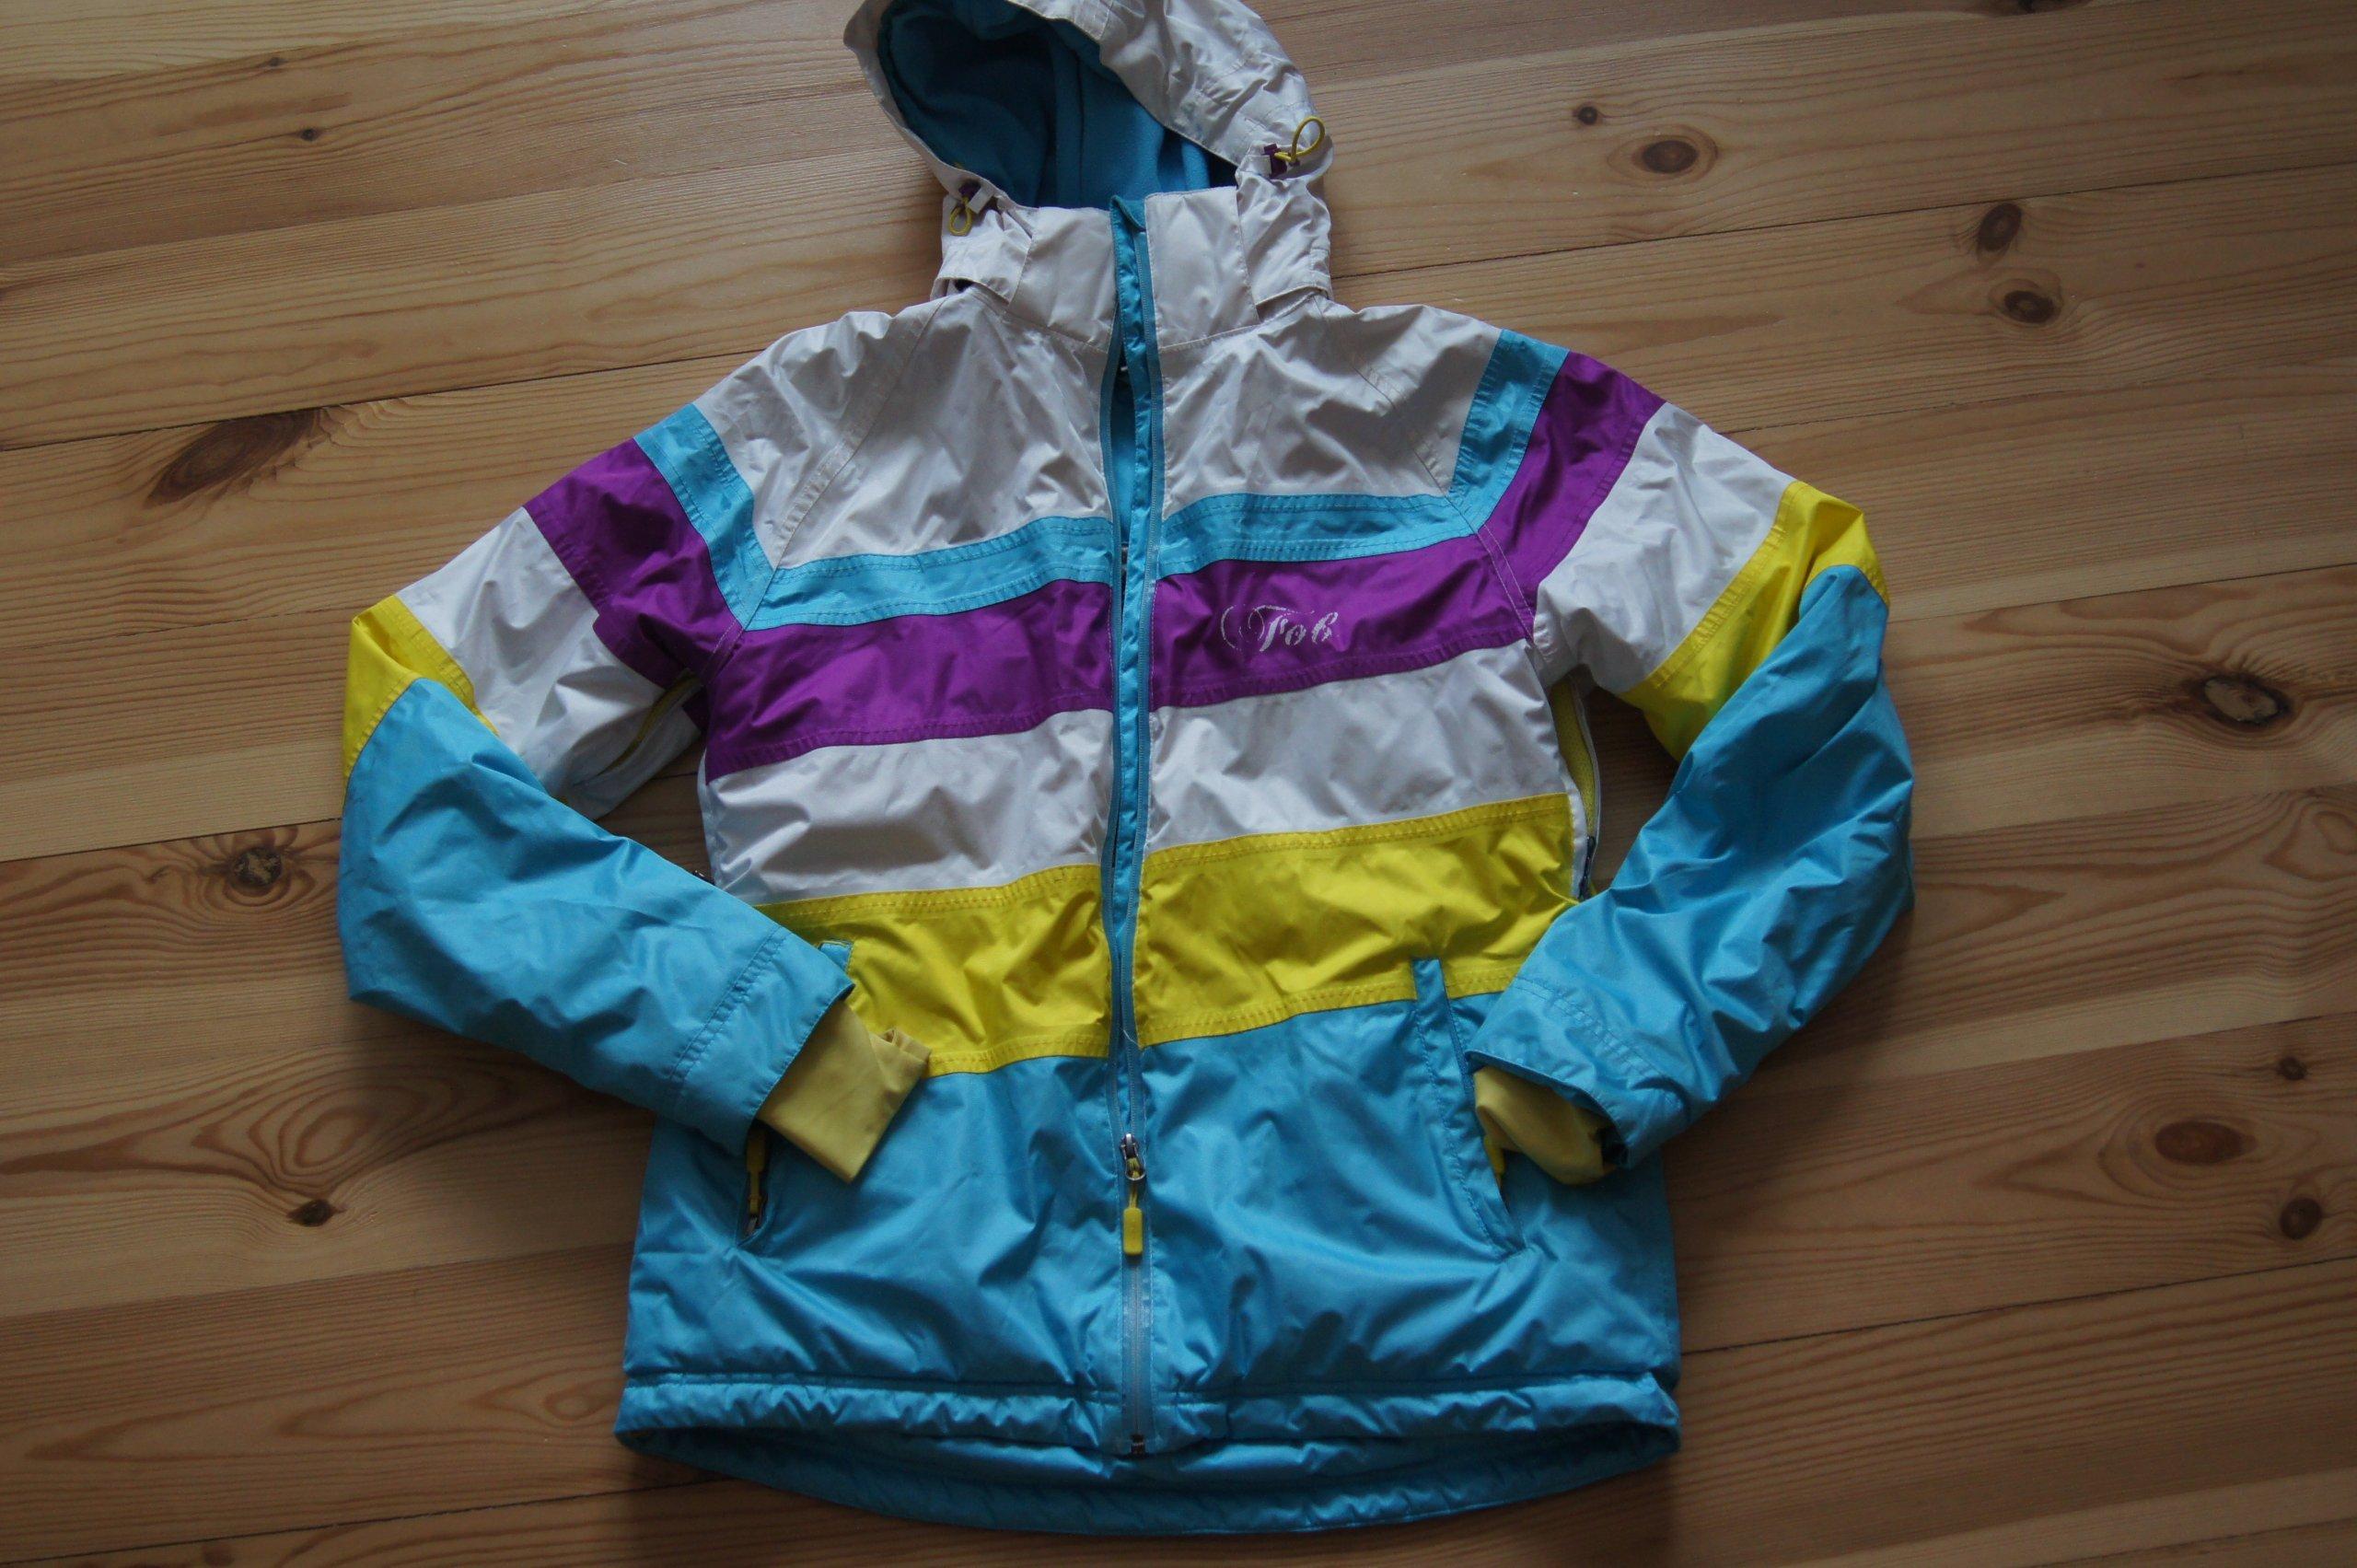 3de1486f5fcdc Kurtka narciarska, snowboardowa Fob / 4f XL - 7074225927 - oficjalne ...